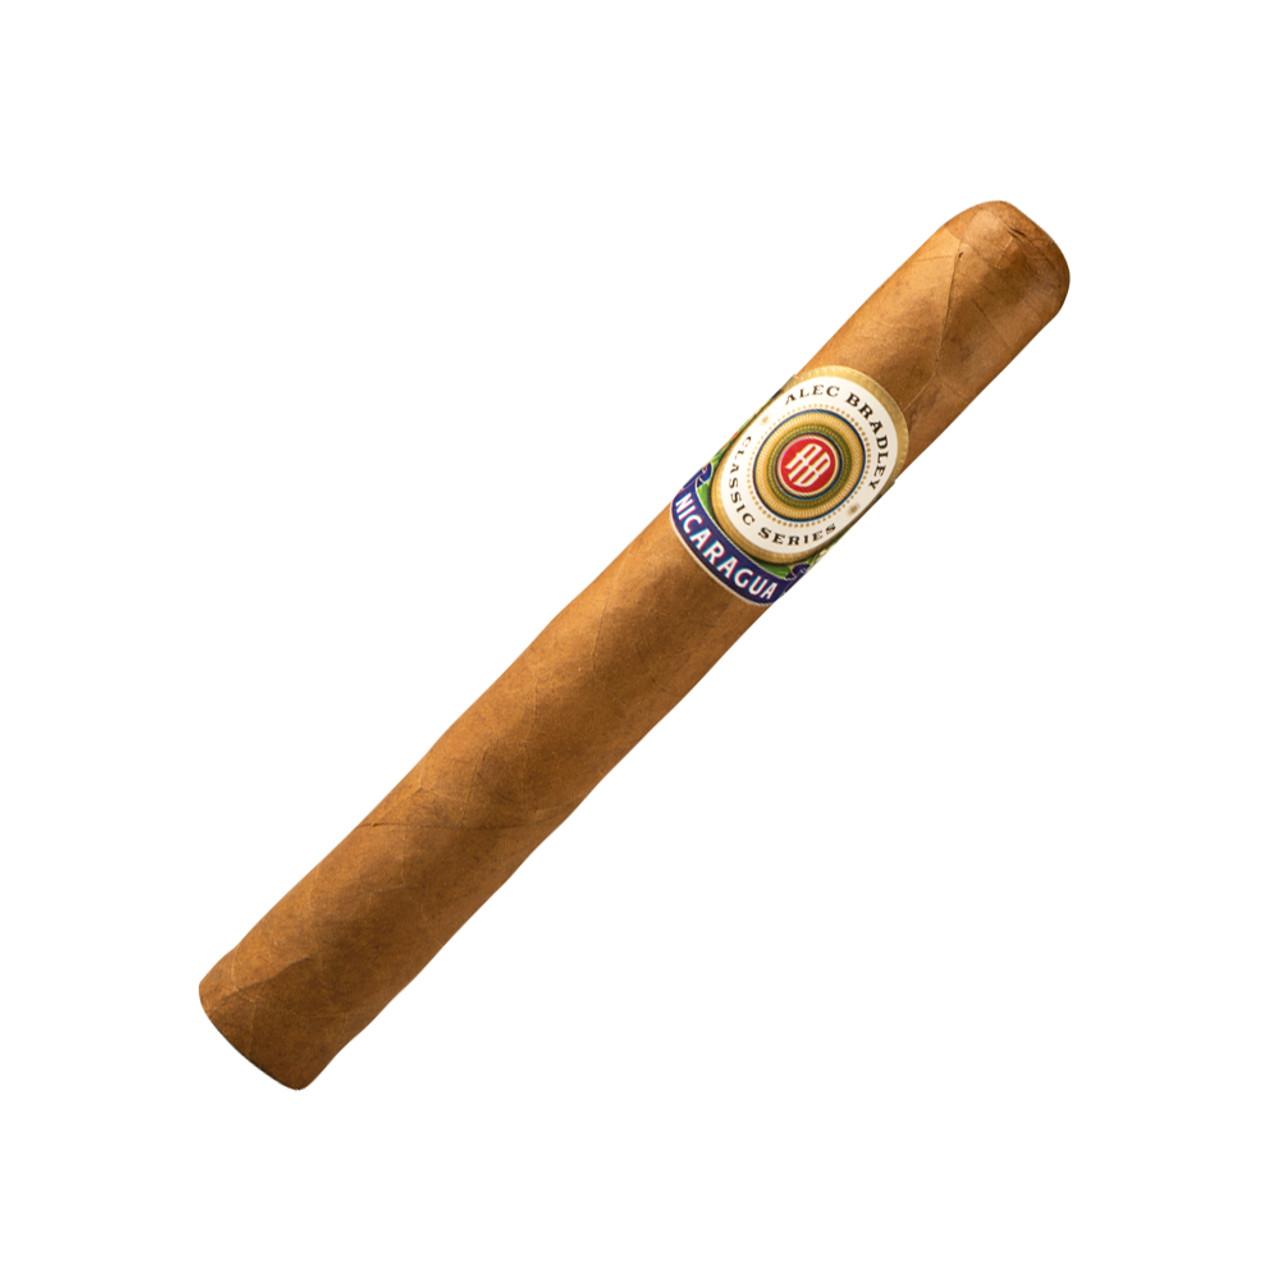 Alec Bradley Classic Series Nicaraguan Toro Cigars - 6 x 50 (Box of 20)